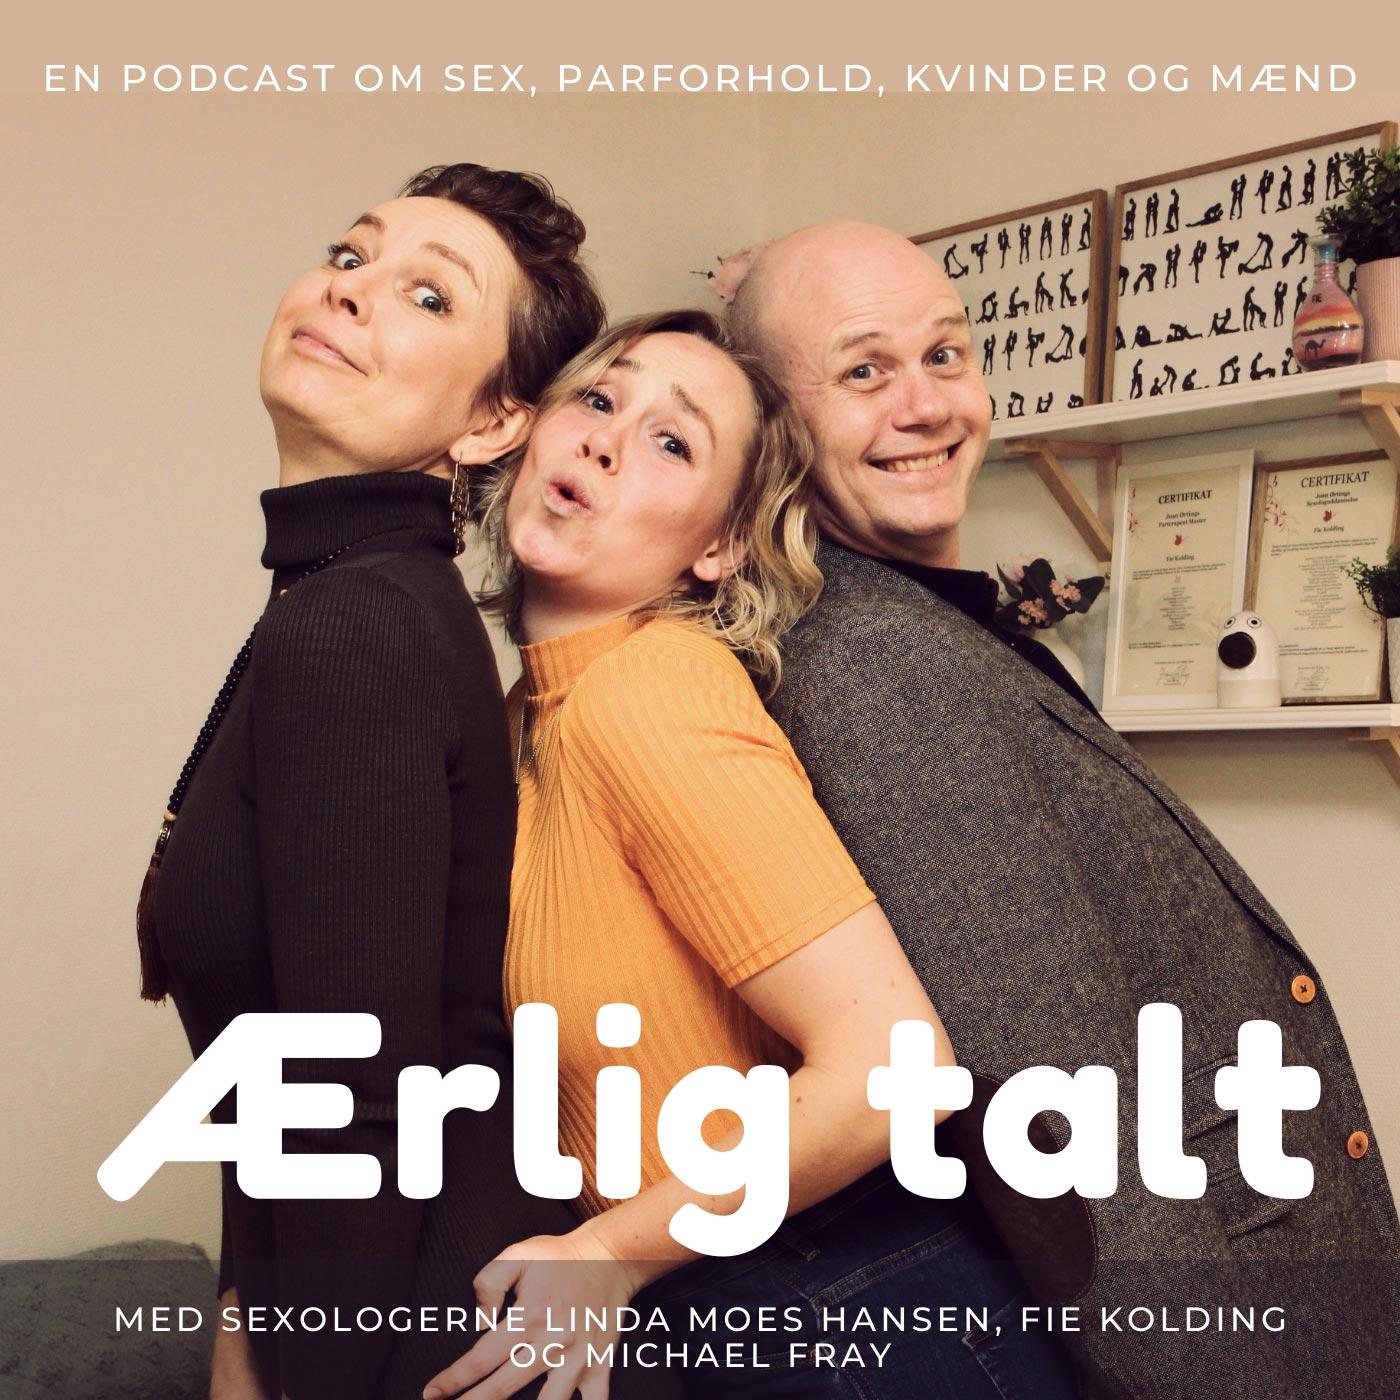 Cover for Podcasten Ærlig talt